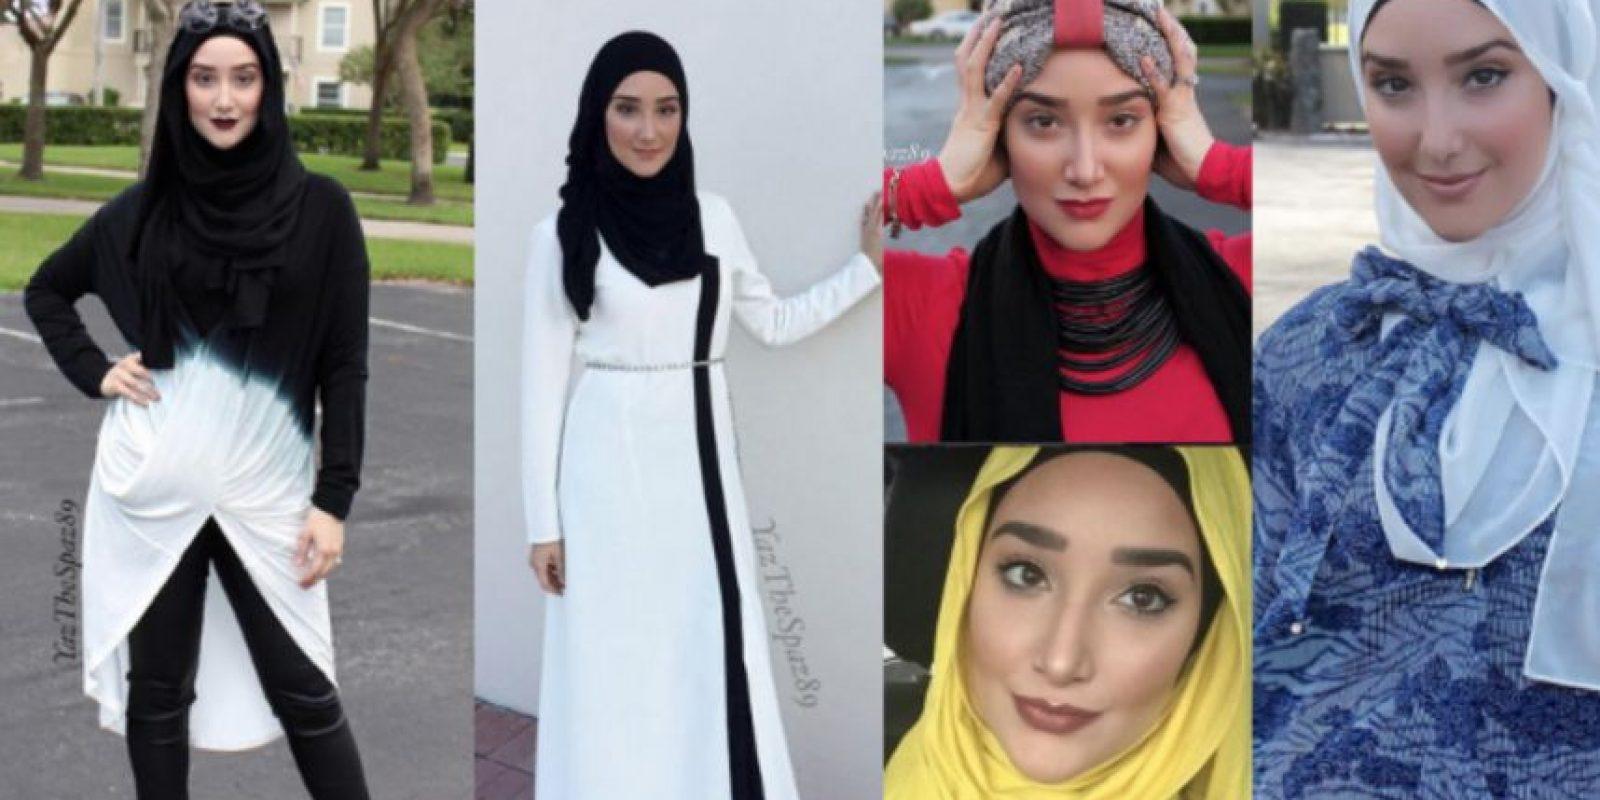 Yaz the Spaz. Es la vloguer más famosa del mundo fashion musulmán. Comenzó en 2010 con tutoriales sobre cómo ponerse el hijab. Foto:vía Instagram